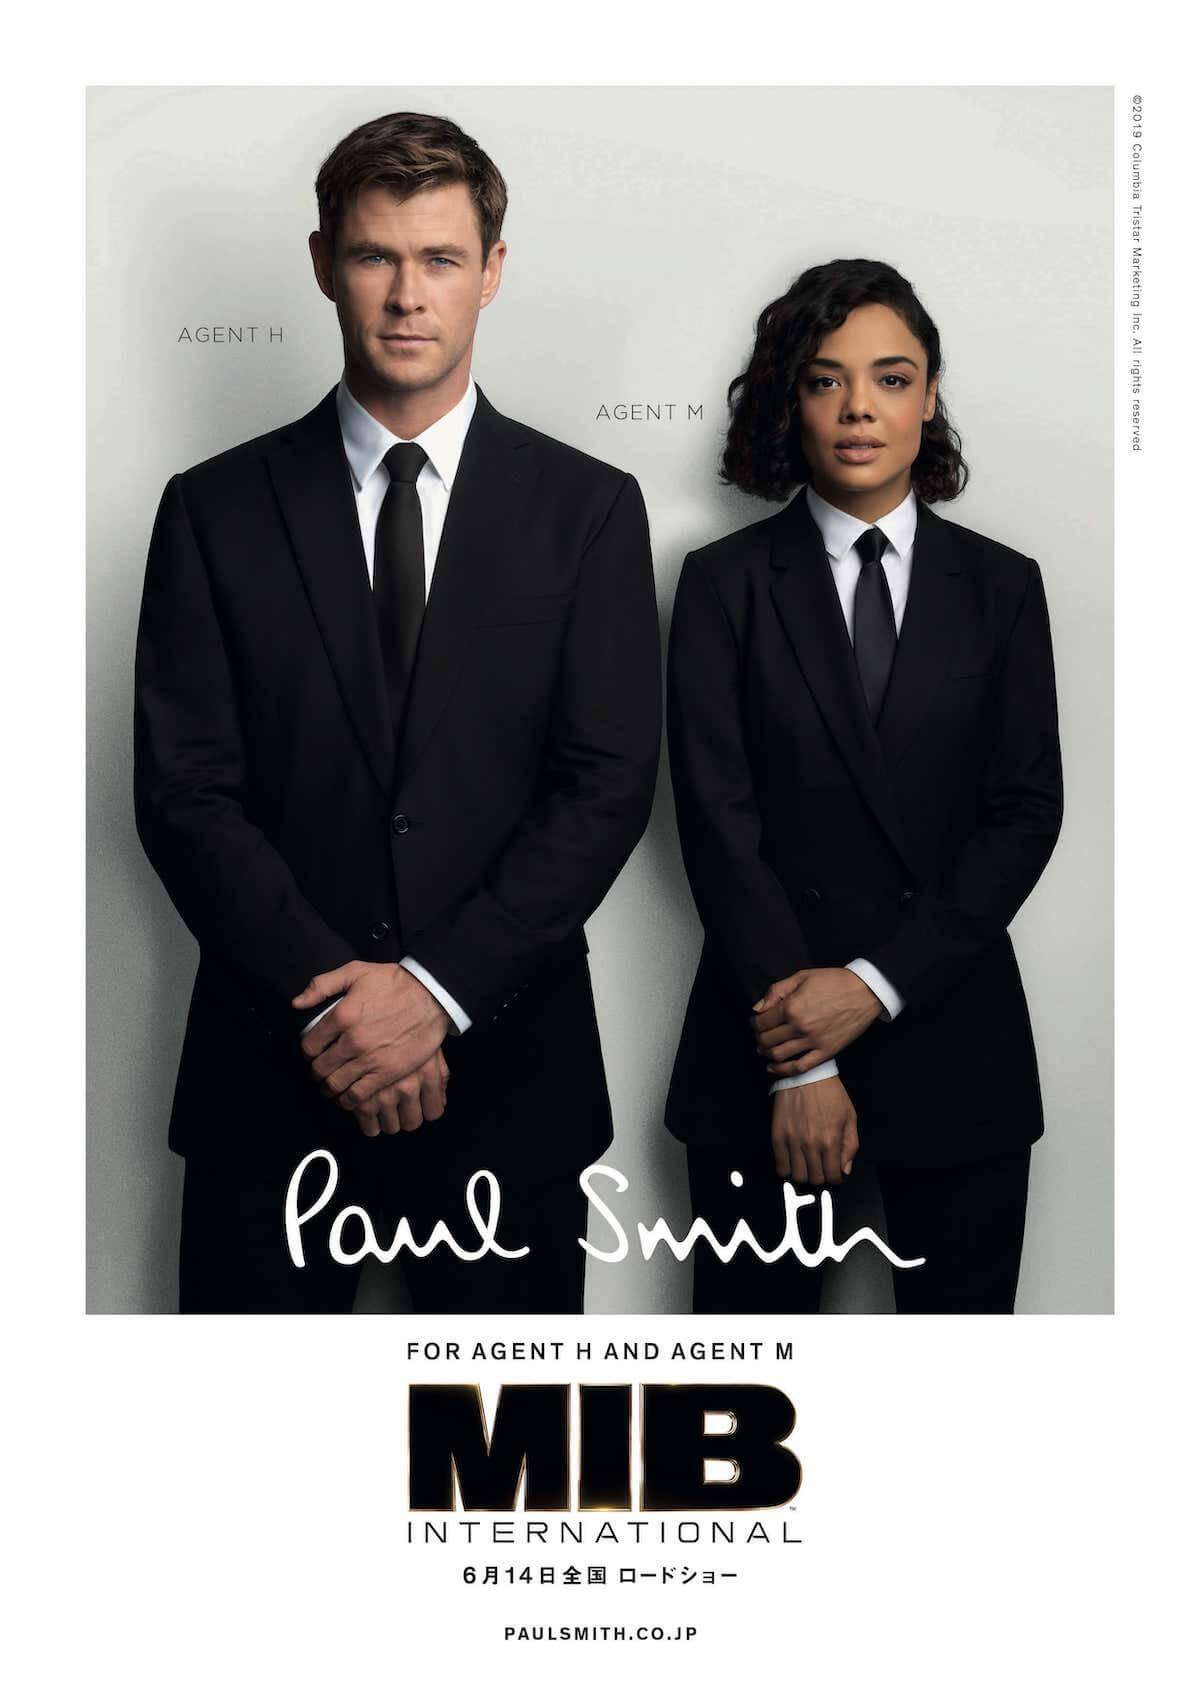 一番の見所はポール・スミス!?『メン・イン・ブラック:インターナショナル』来週公開 ポール・スミス、コラボアイテムの販売も film190606_mib_paulsmith_4